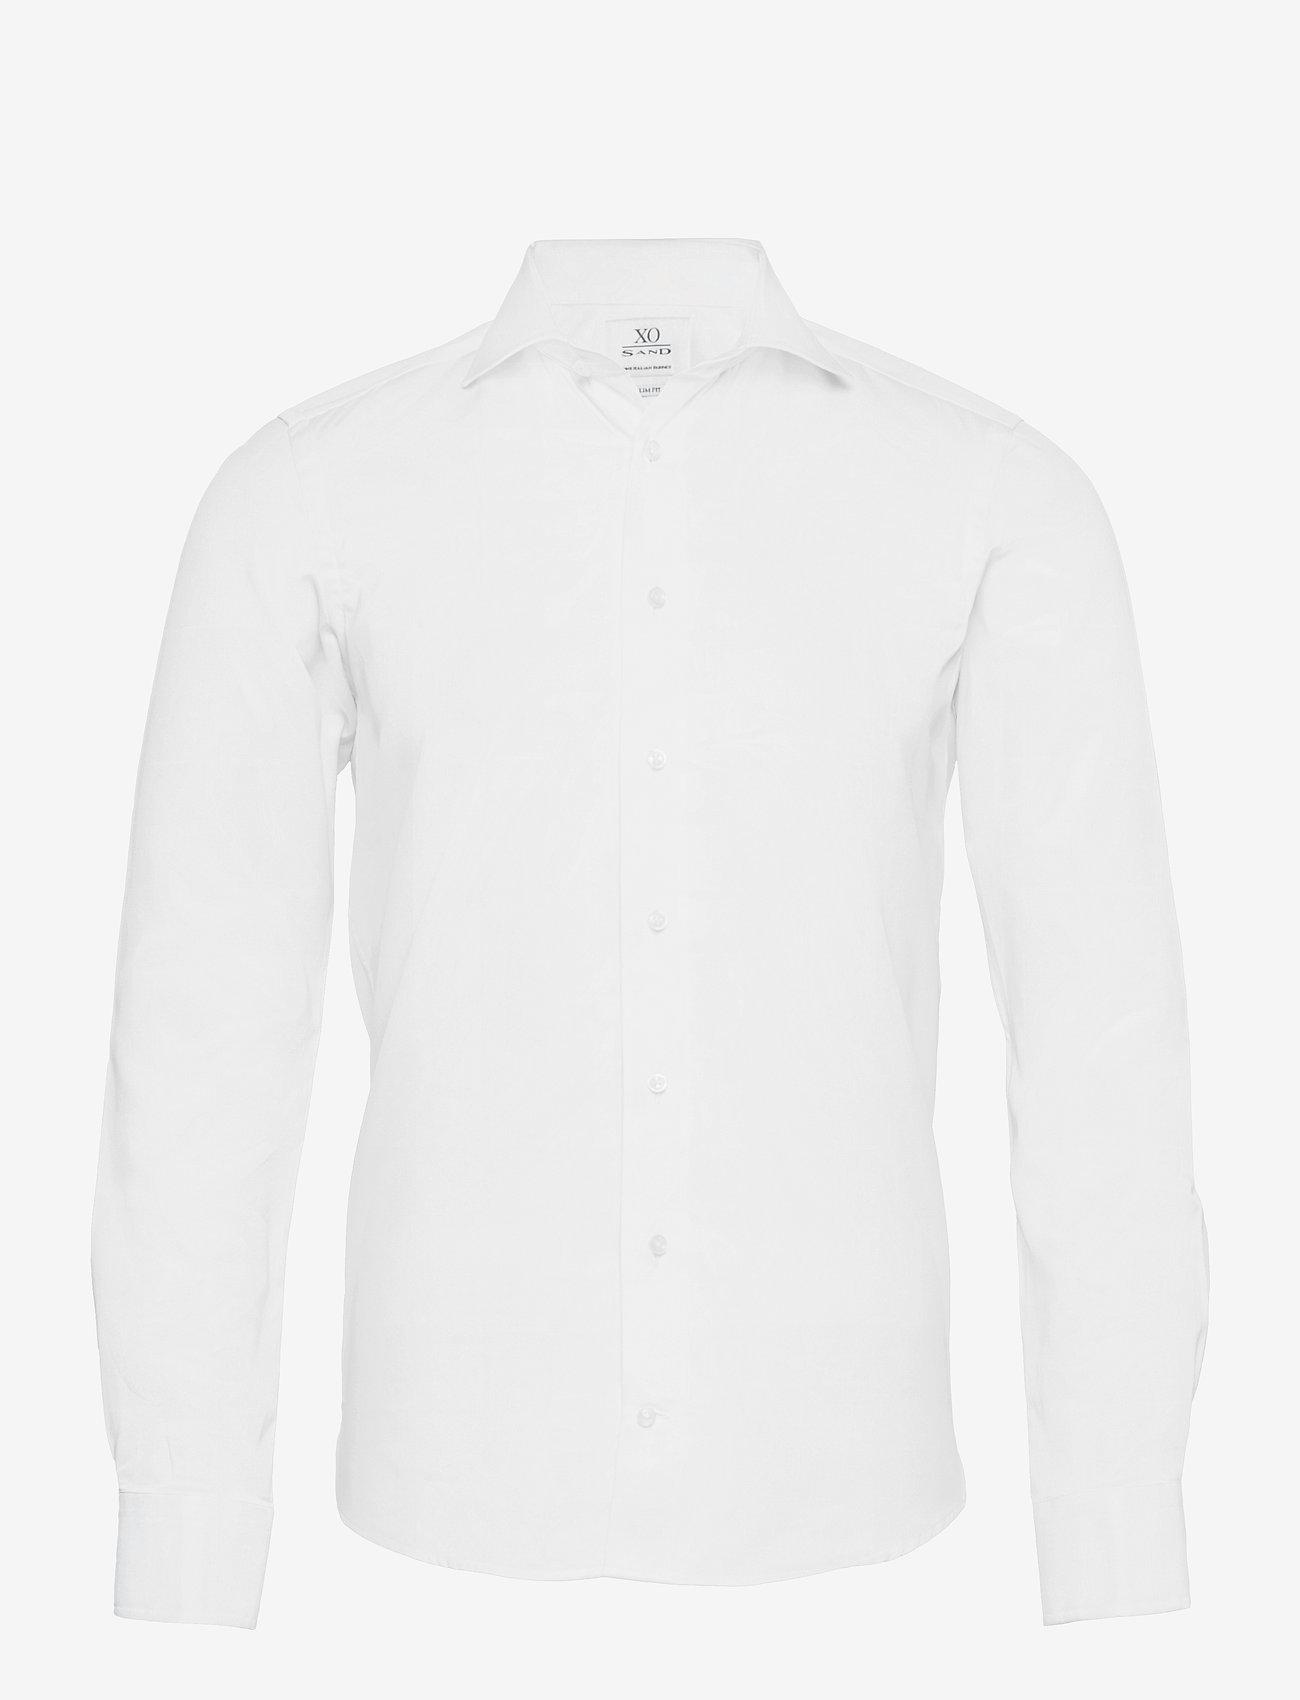 XO Shirtmaker by Sand Copenhagen - 8085 - Jake FC - basic skjortor - optical white - 0